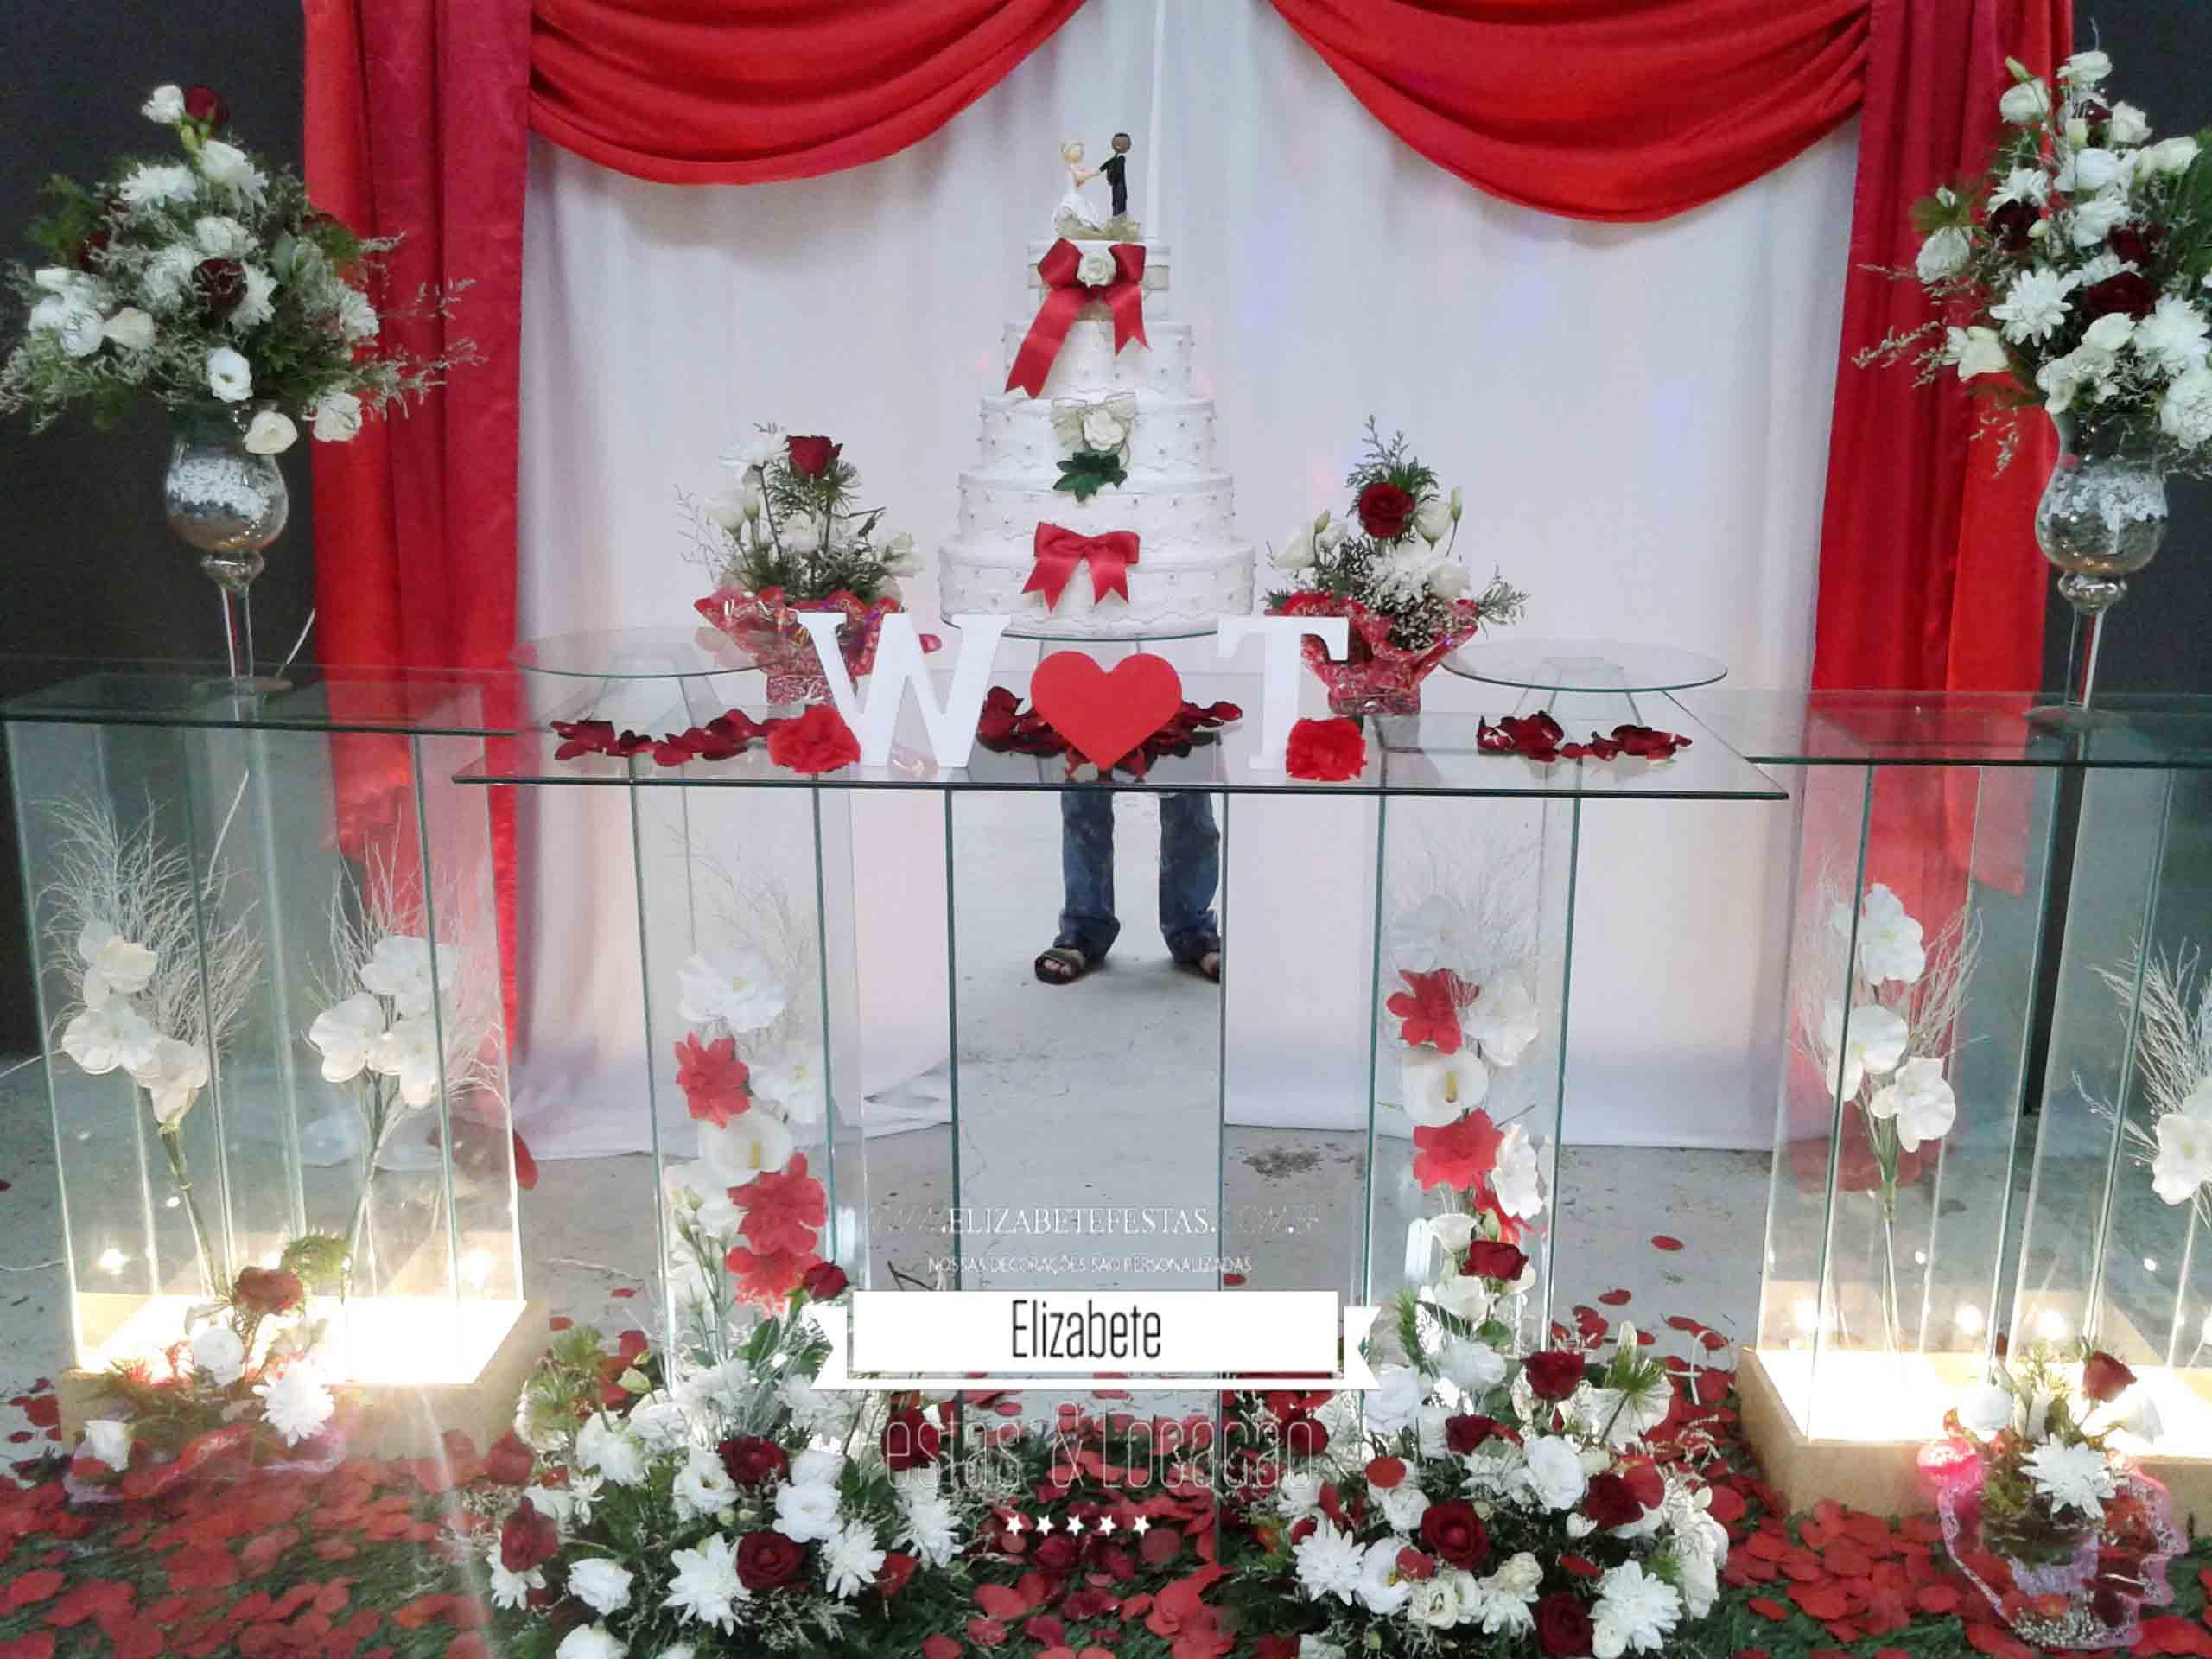 decoracao-casamento-elizabete-festas-01-1.jpg